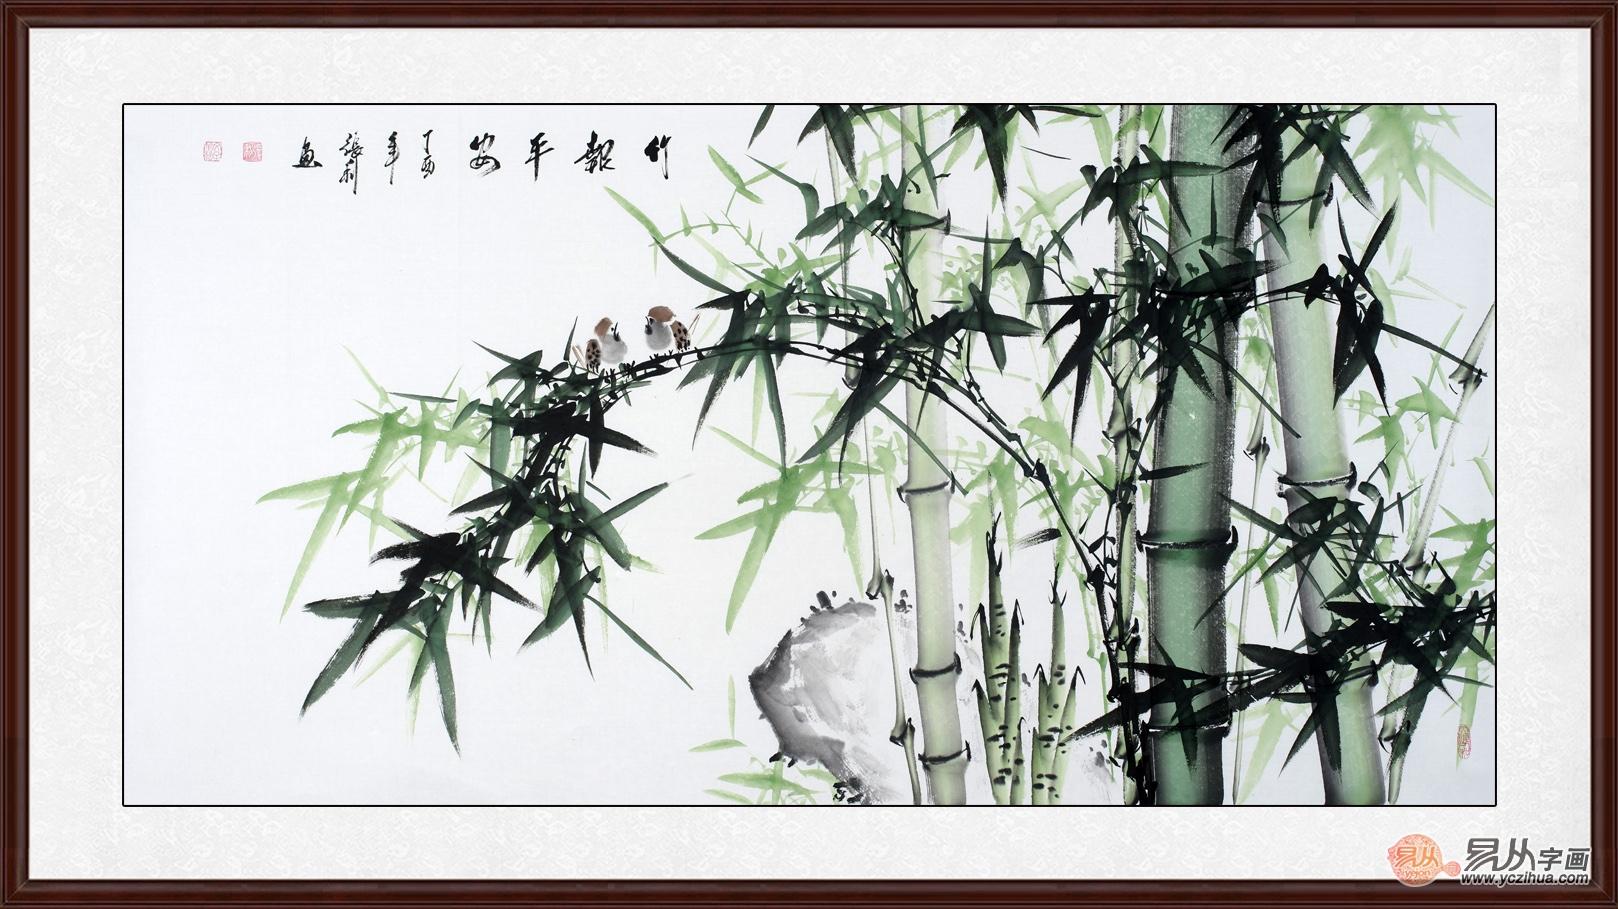 国礼书画艺术家张利四尺横幅竹子作品《竹报平安》作品出自:易从网